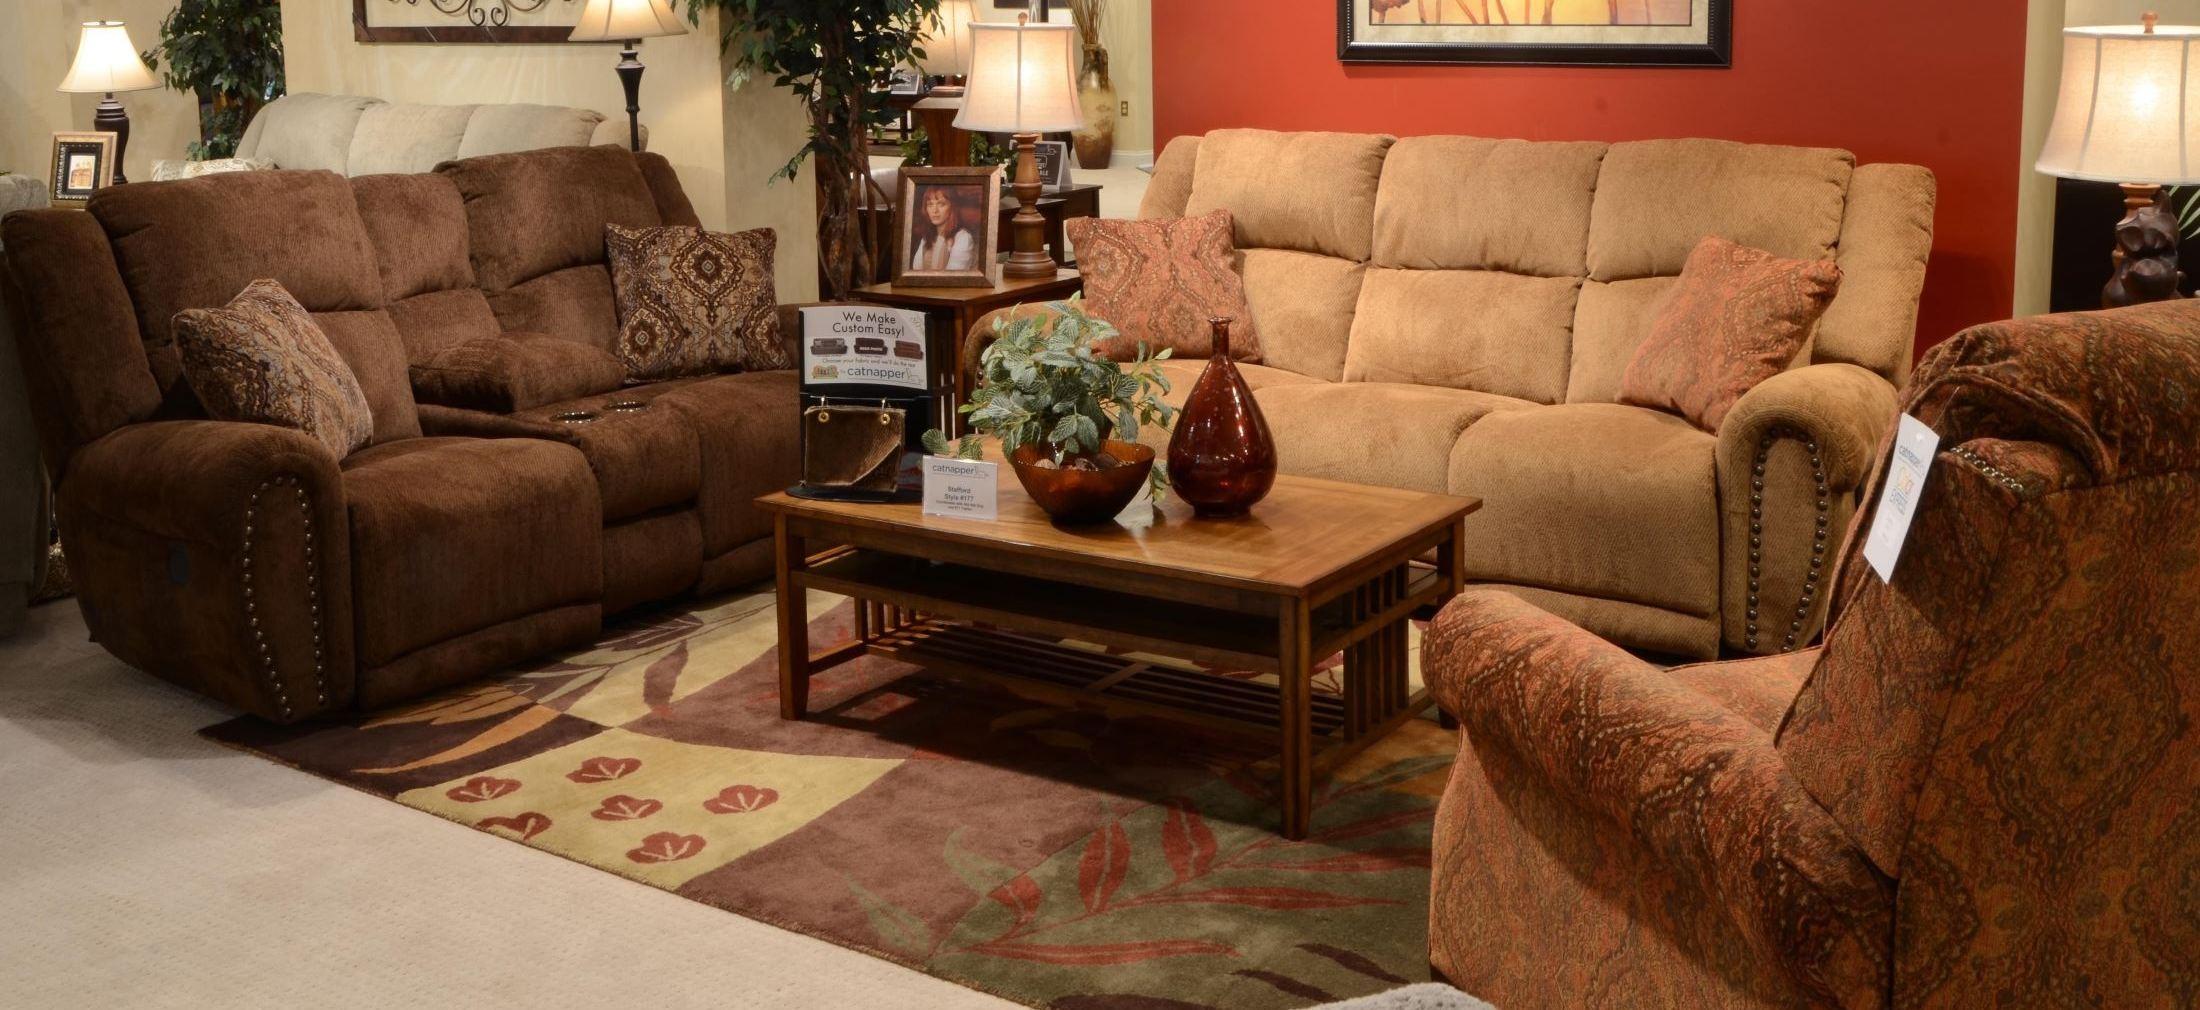 stafford caramel reclining living room set from catnapper